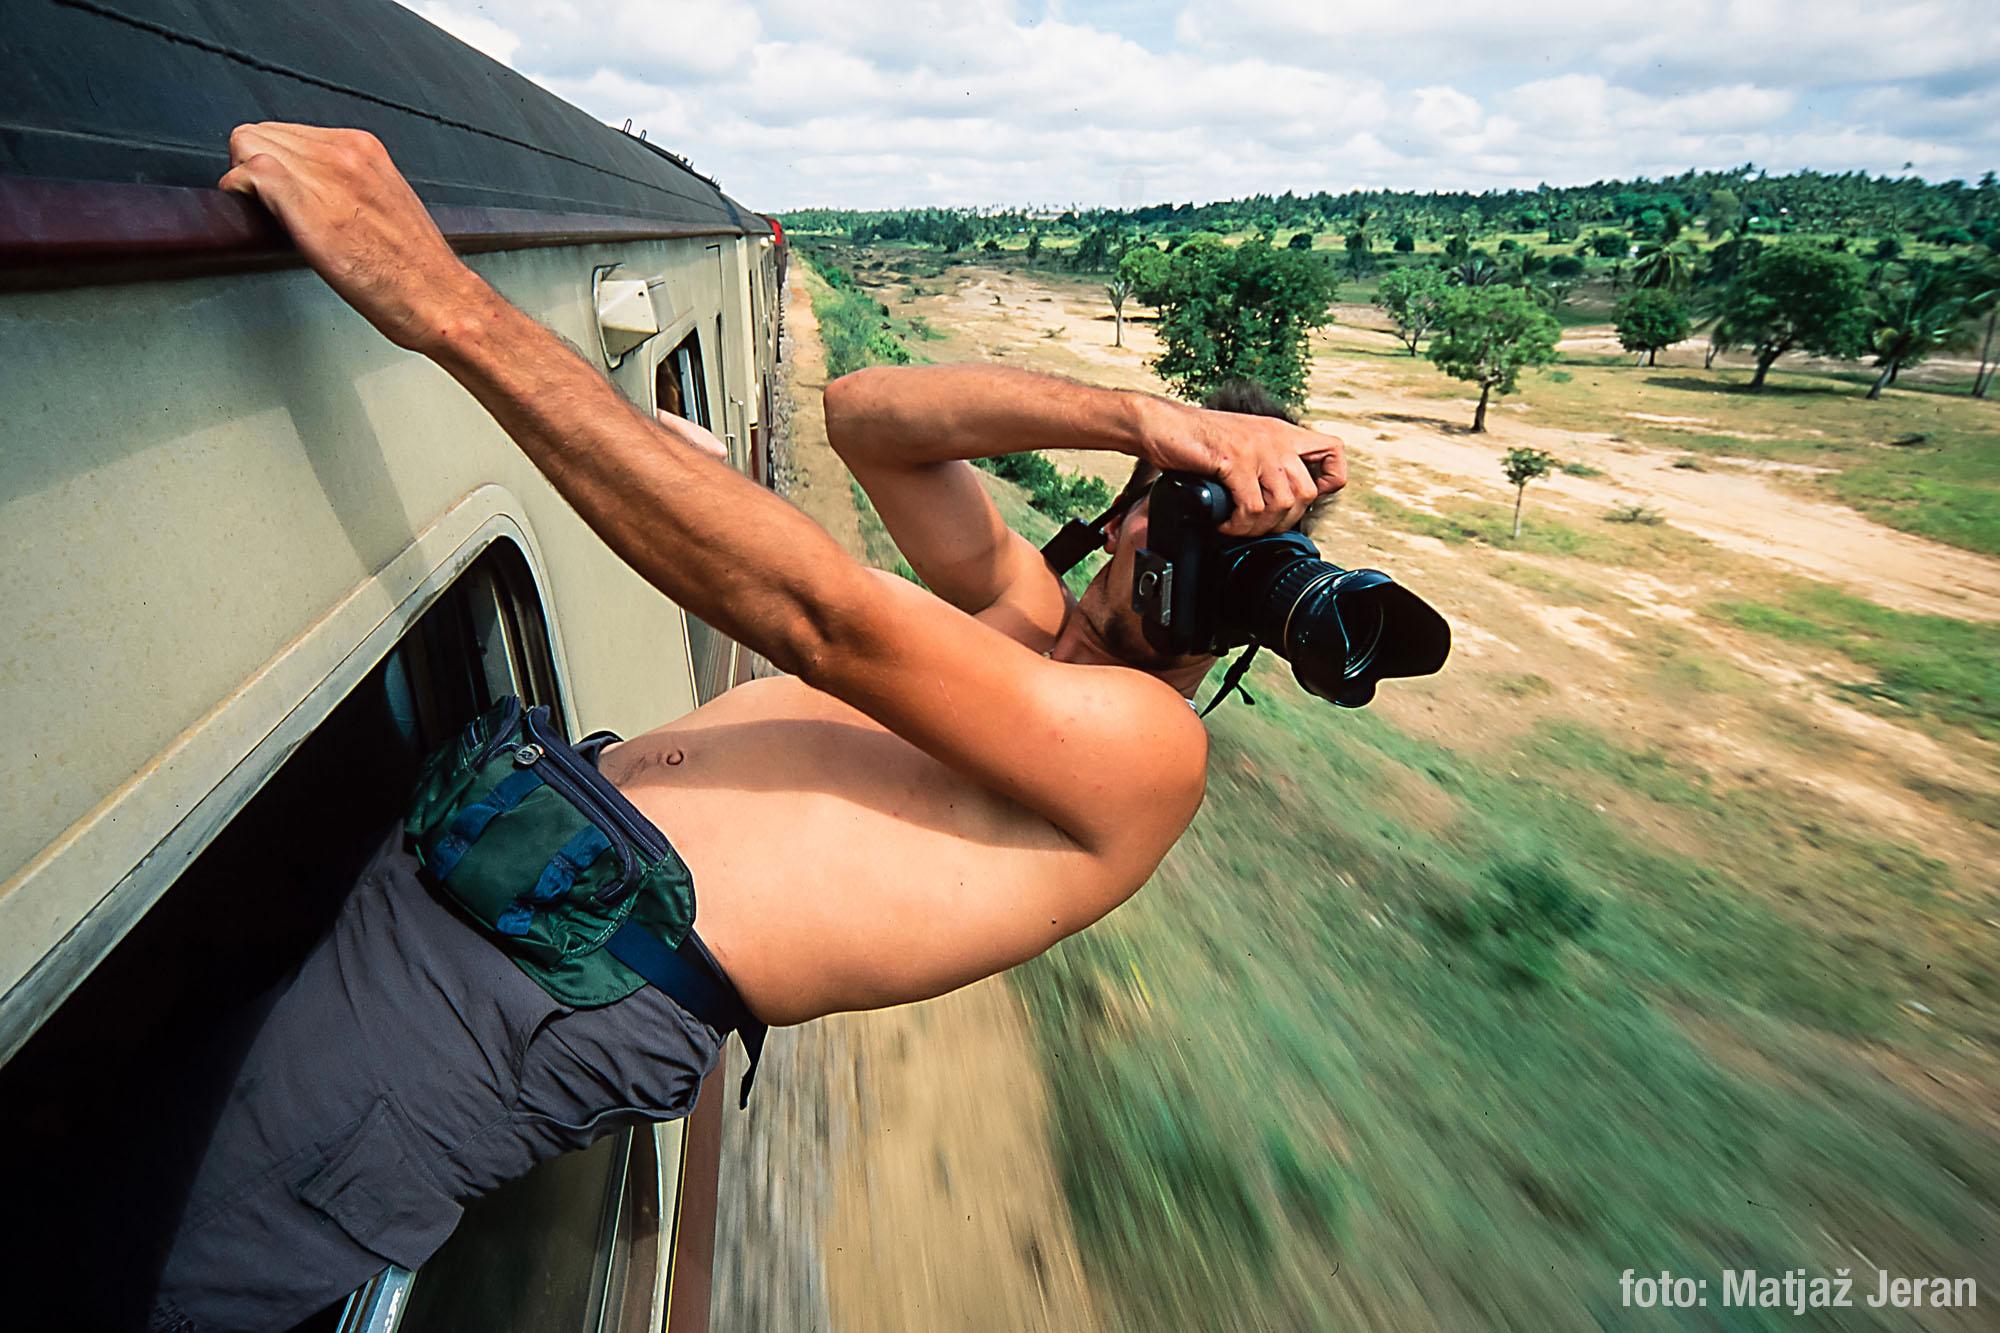 diapozitiv fotograf